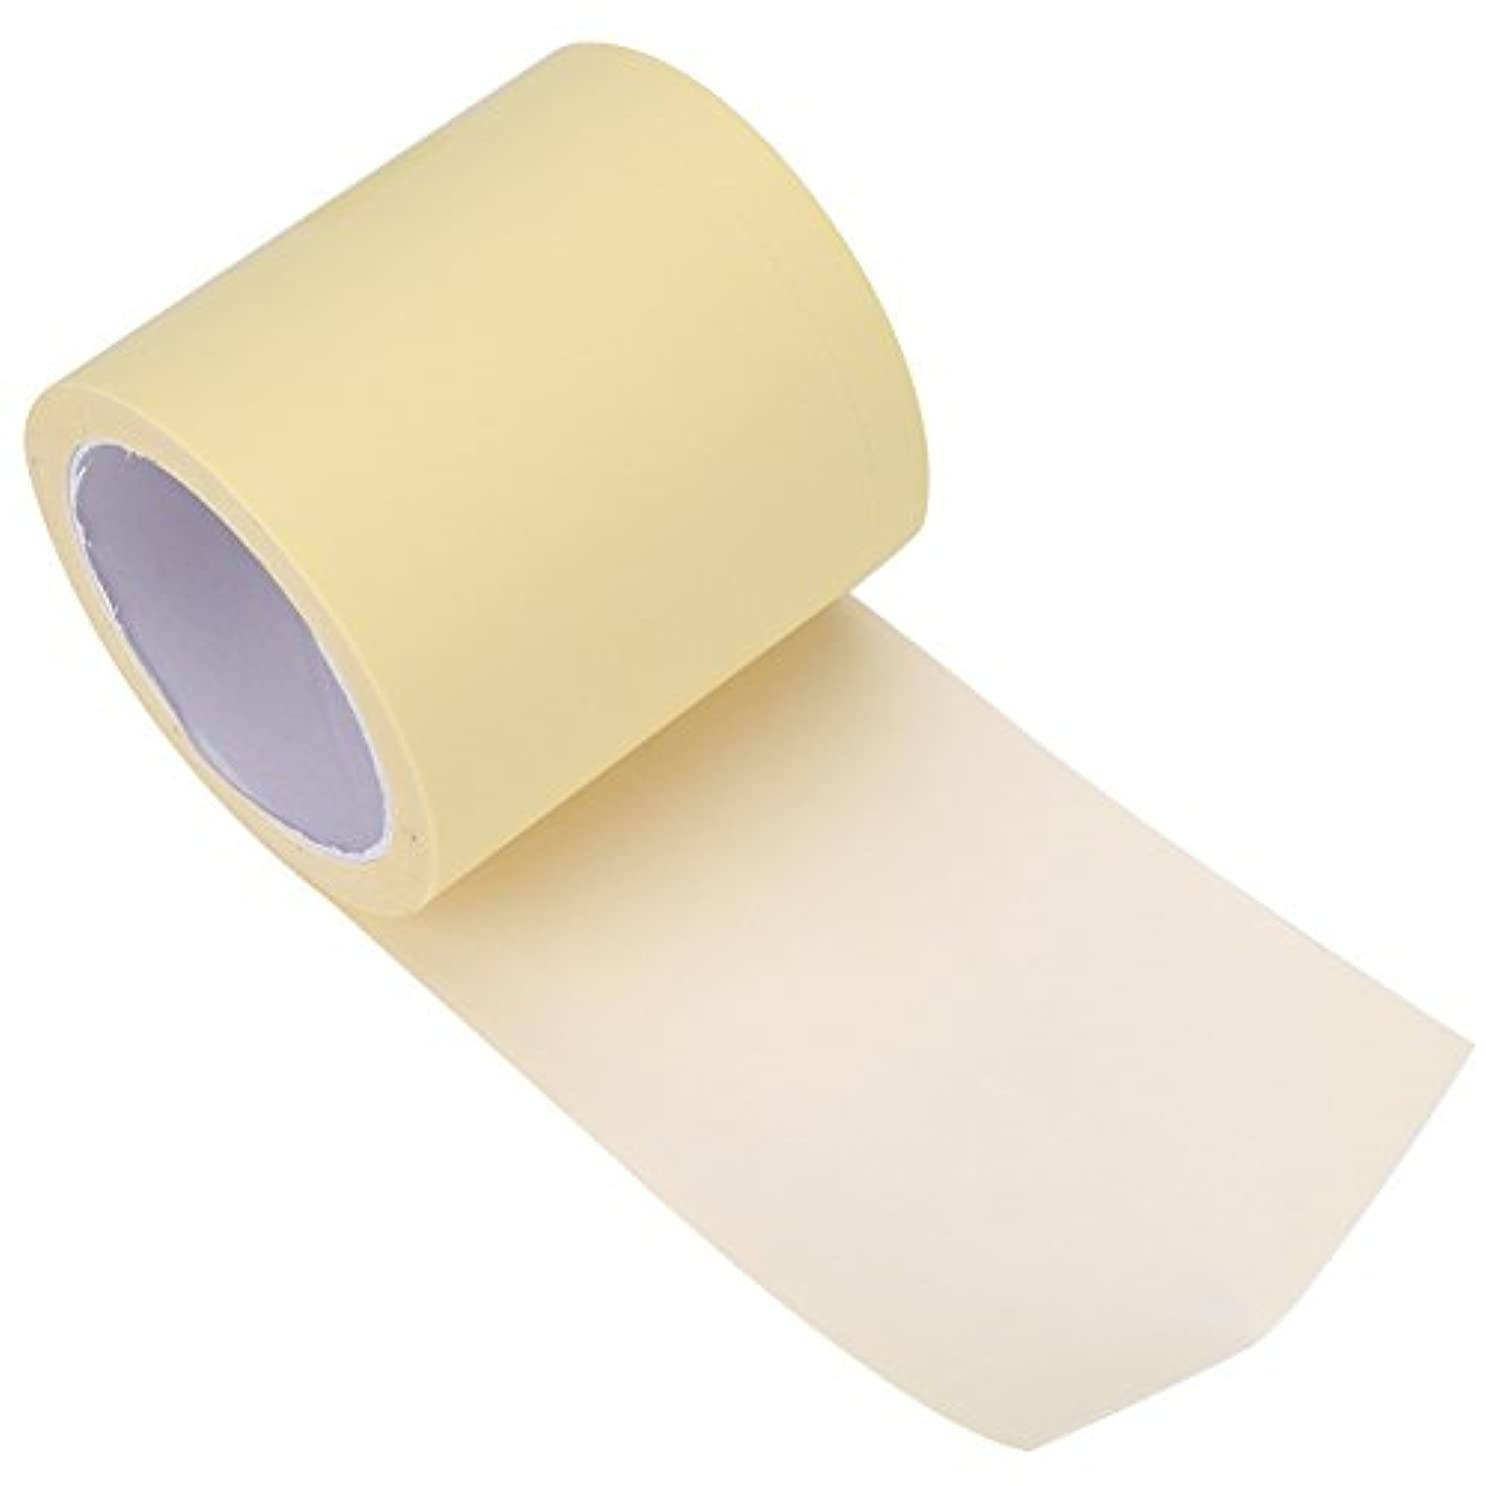 プレート疑いひそかに汗止めパッド 脇の下 汗パッド 汗とりシート ワキに直接貼る汗取りパッド 脇の汗染み防止 ロールタイプ 皮膚に優しい 抗菌加工 男女兼用 透明